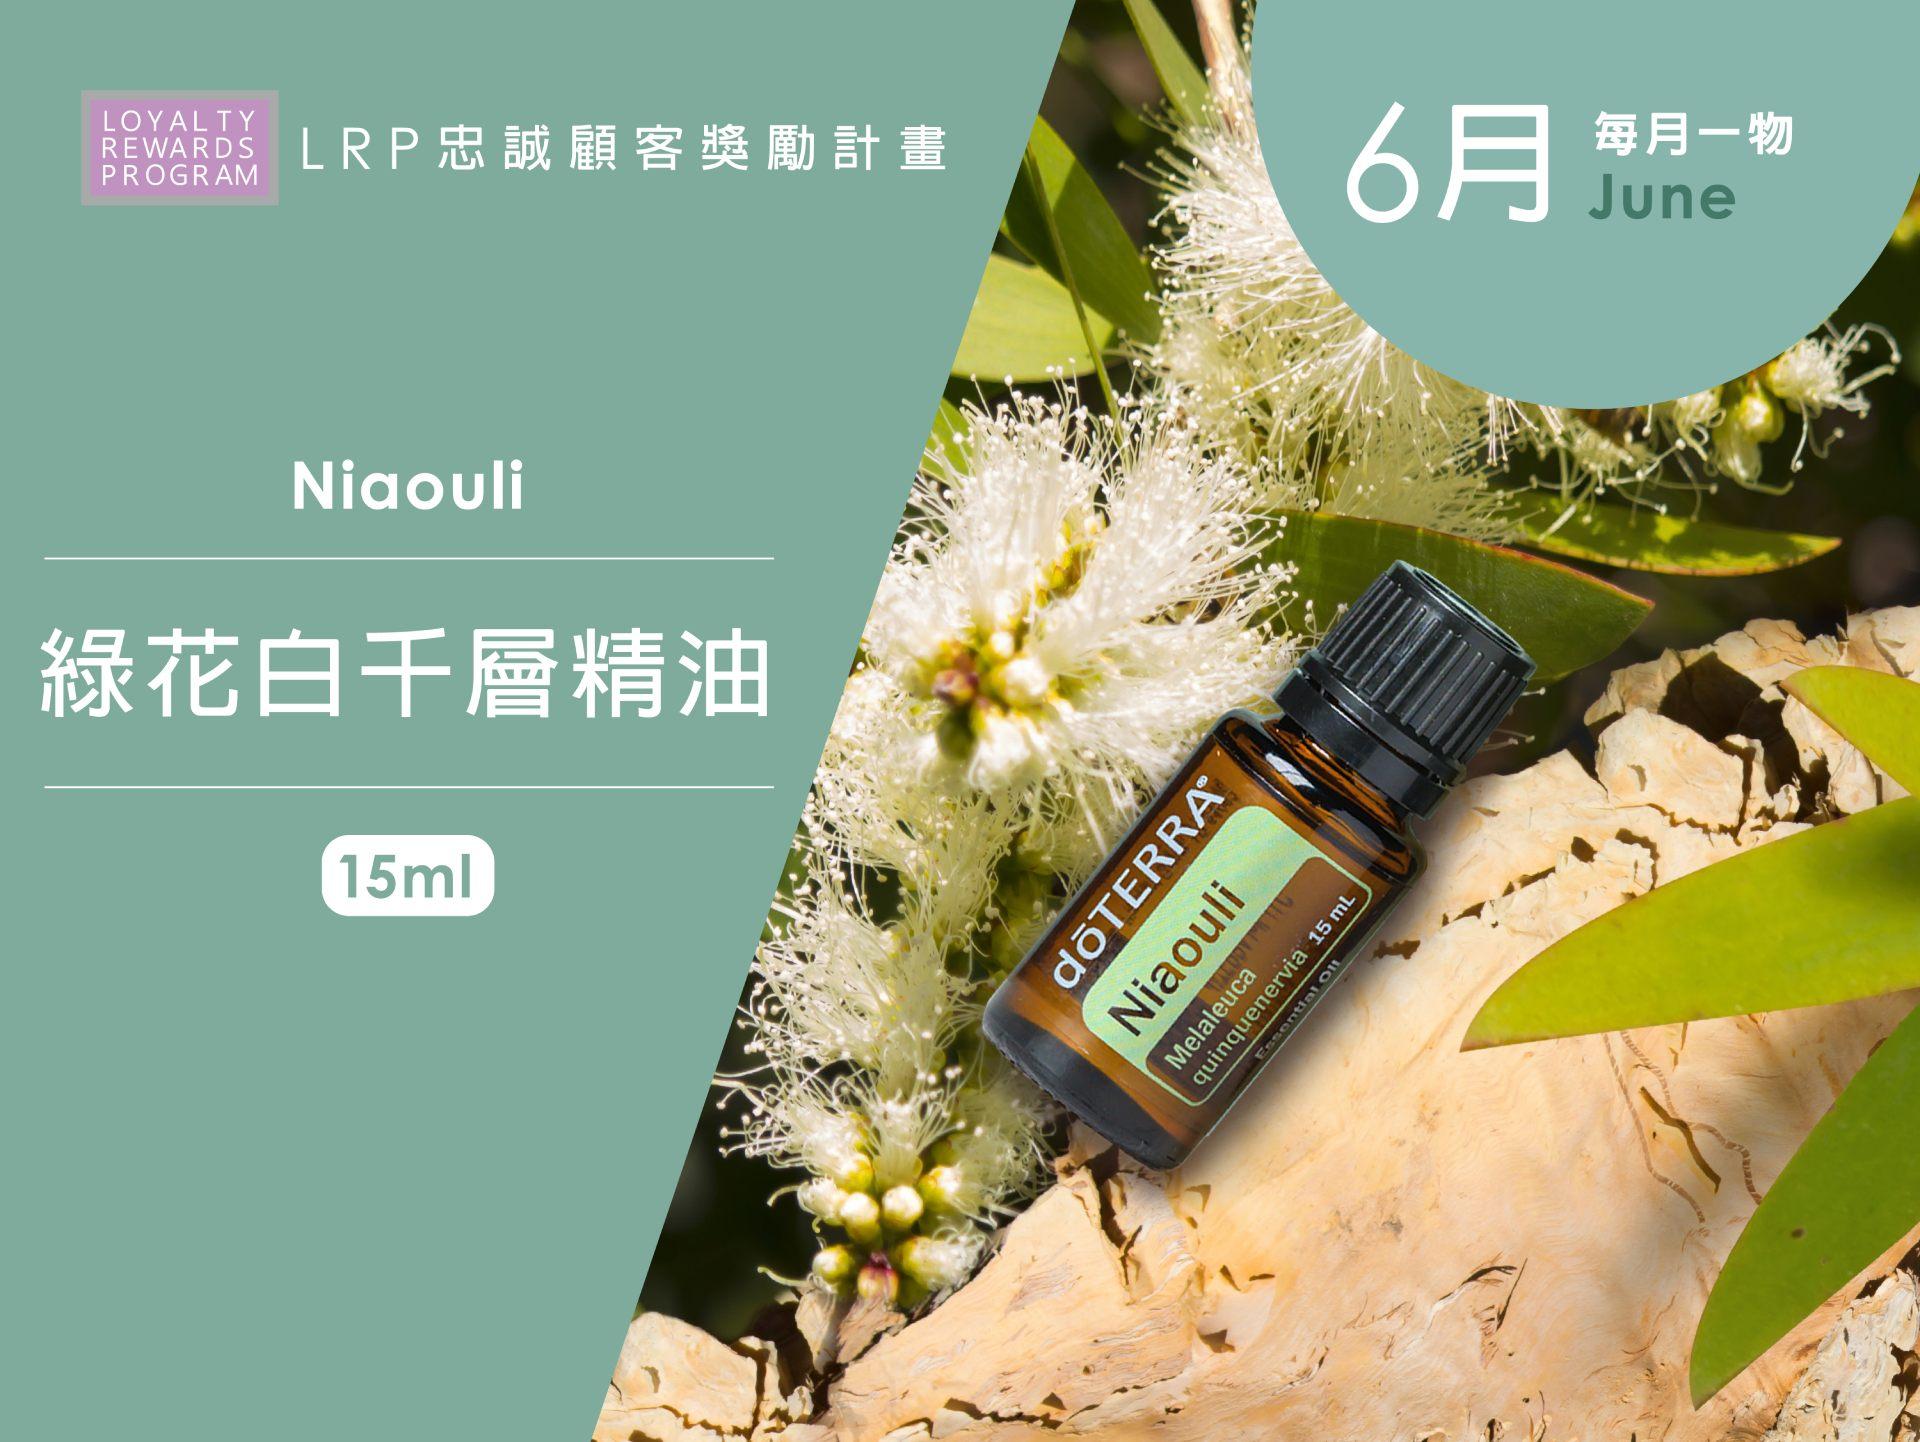 6月每月一物 Niaouli 綠花白千層精油 15ml